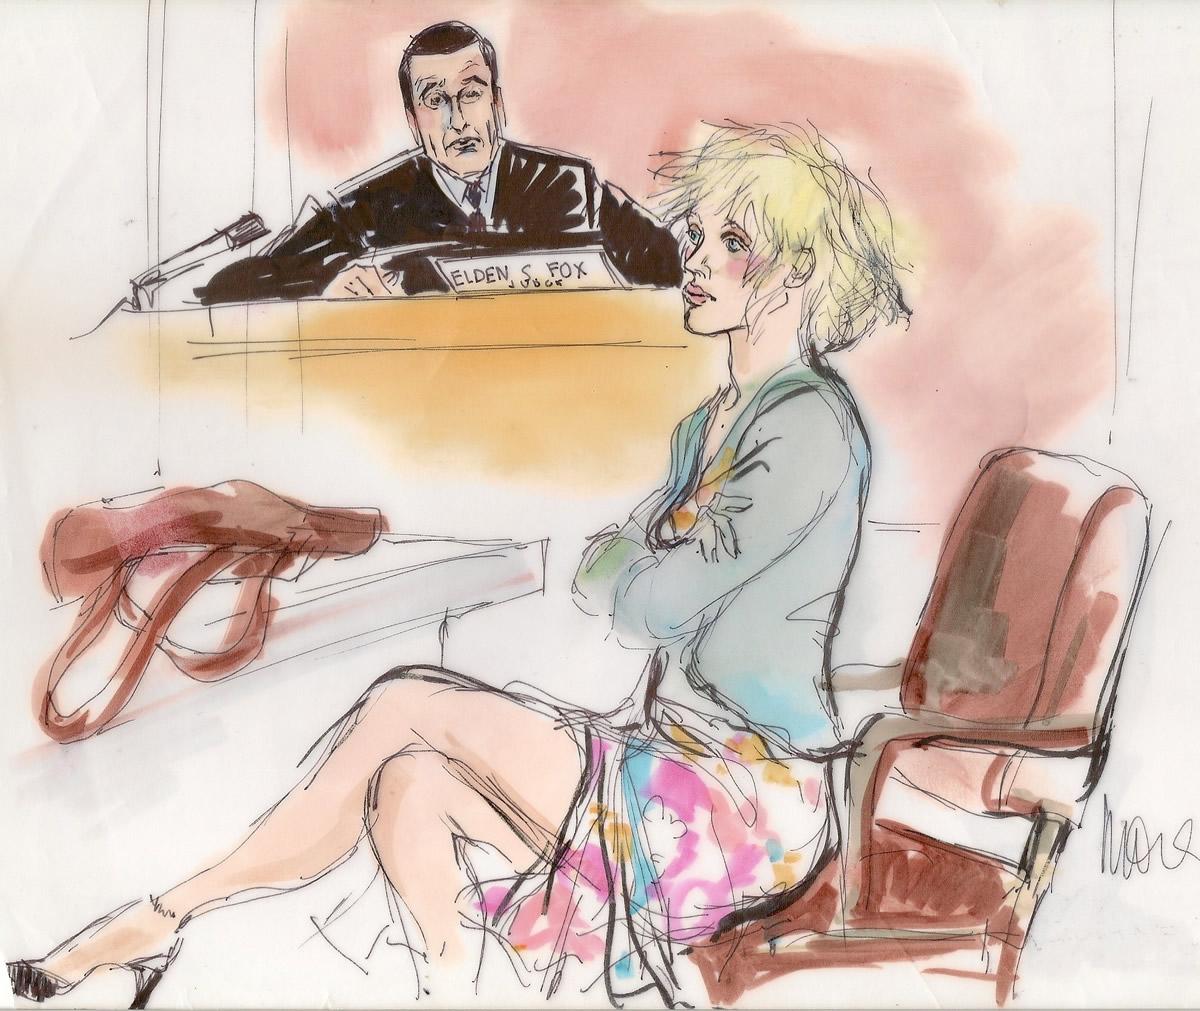 Courtney Love Drug Trial Courtroom Illustration